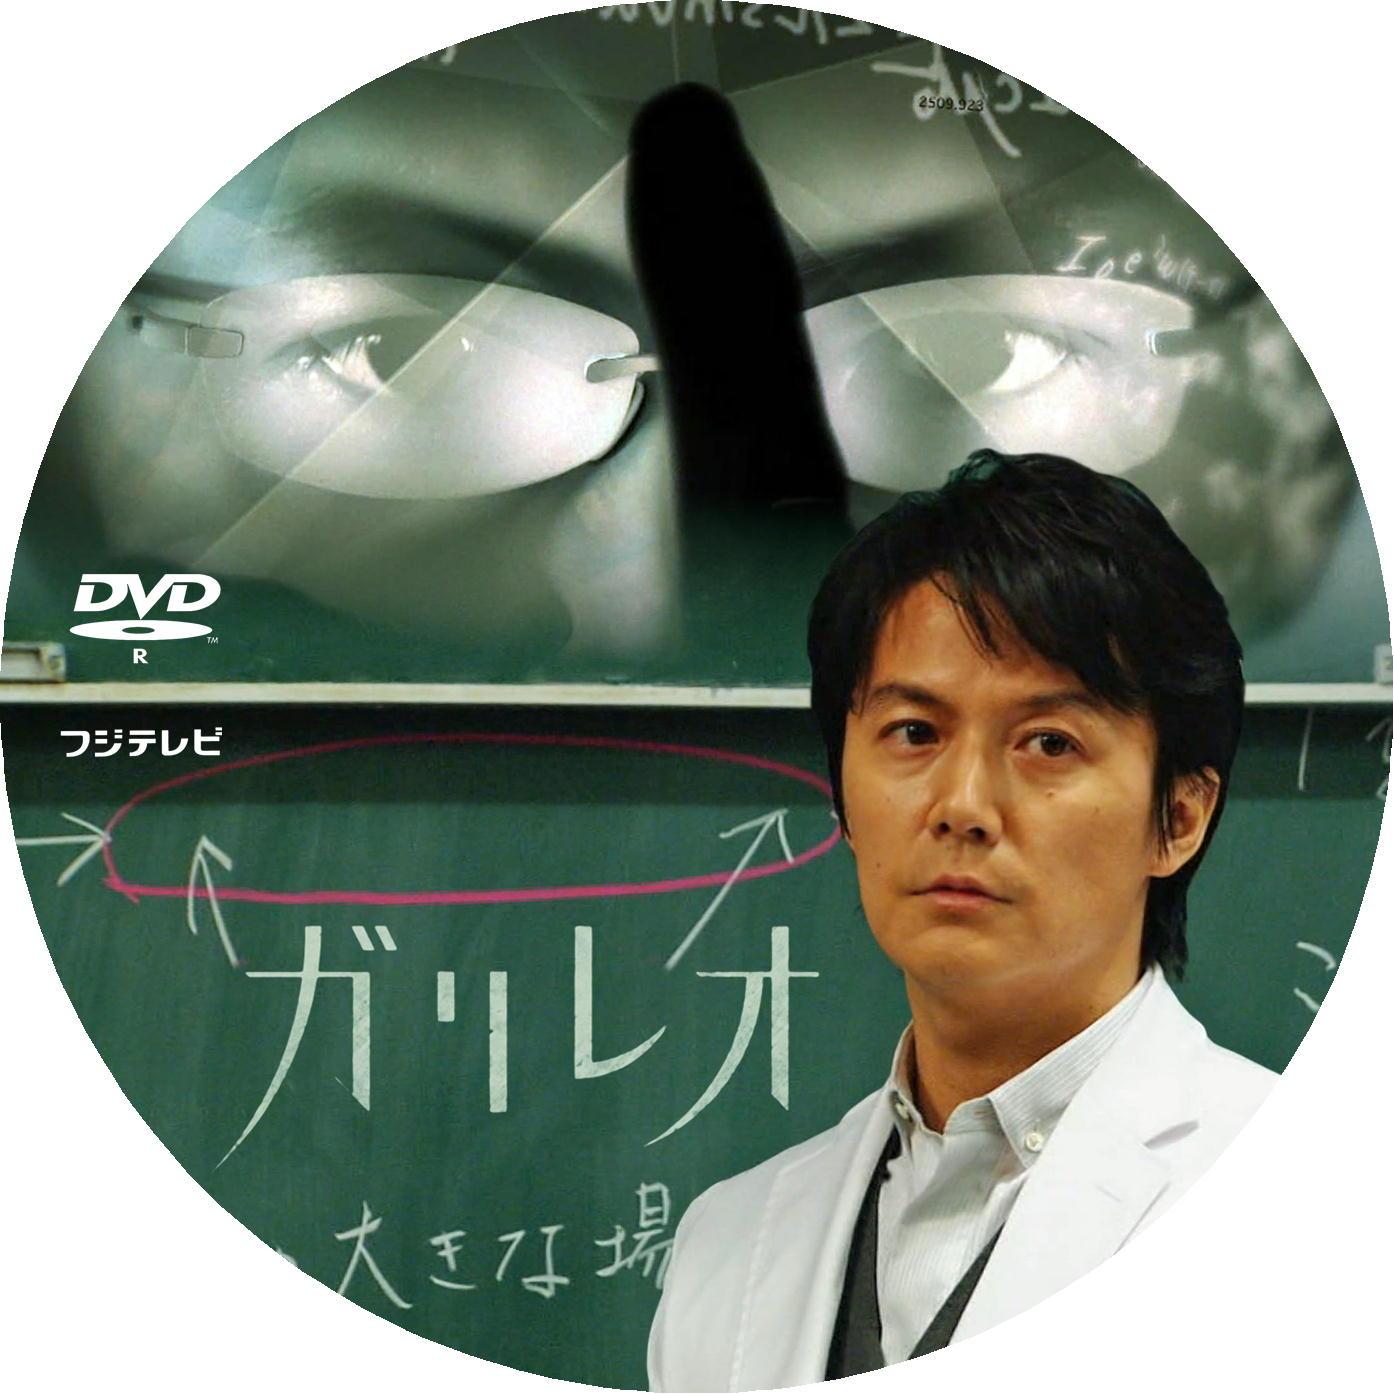 新ガリレオ 2nd DVDラベル